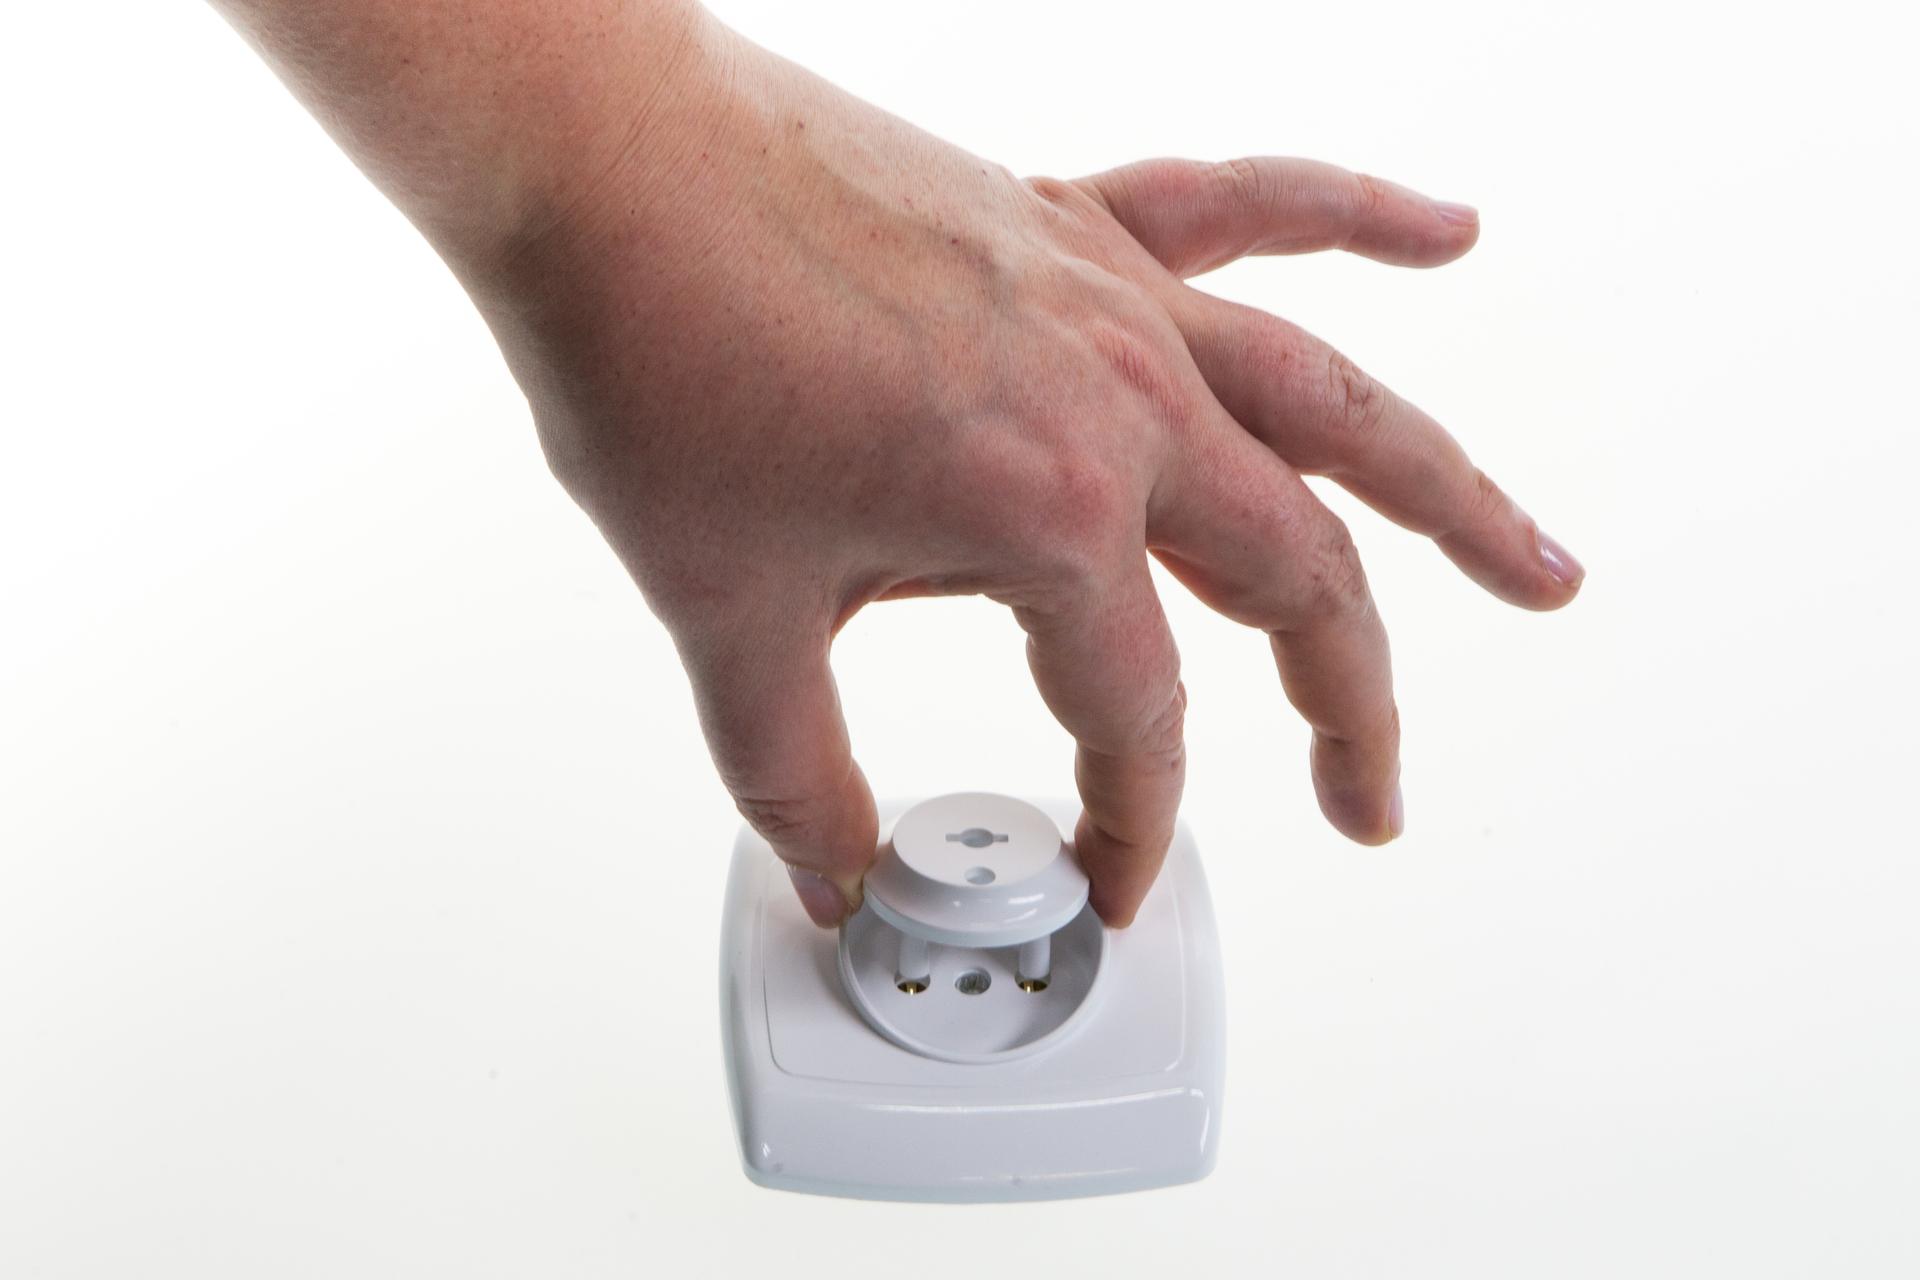 Fotografia przedstawia rękę człowieka umieszczającego zaślepkę wgniazdku elektrycznym.